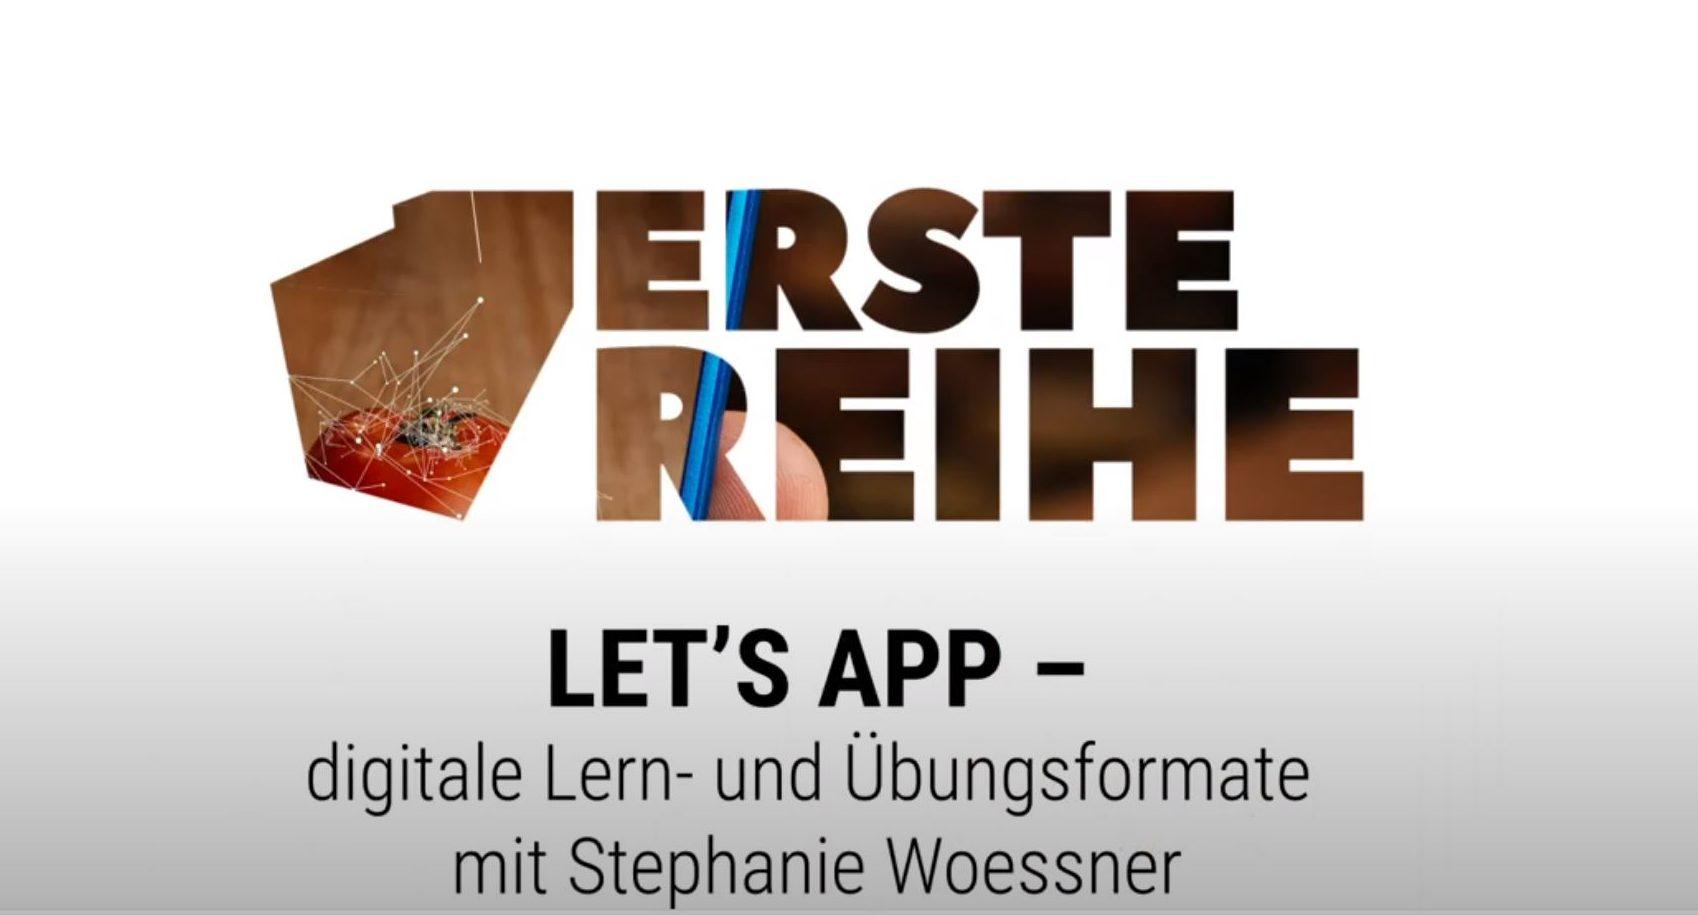 Let's App – Üben und projektorientiertes Lernen im Zeitalter der digitalen Transformation